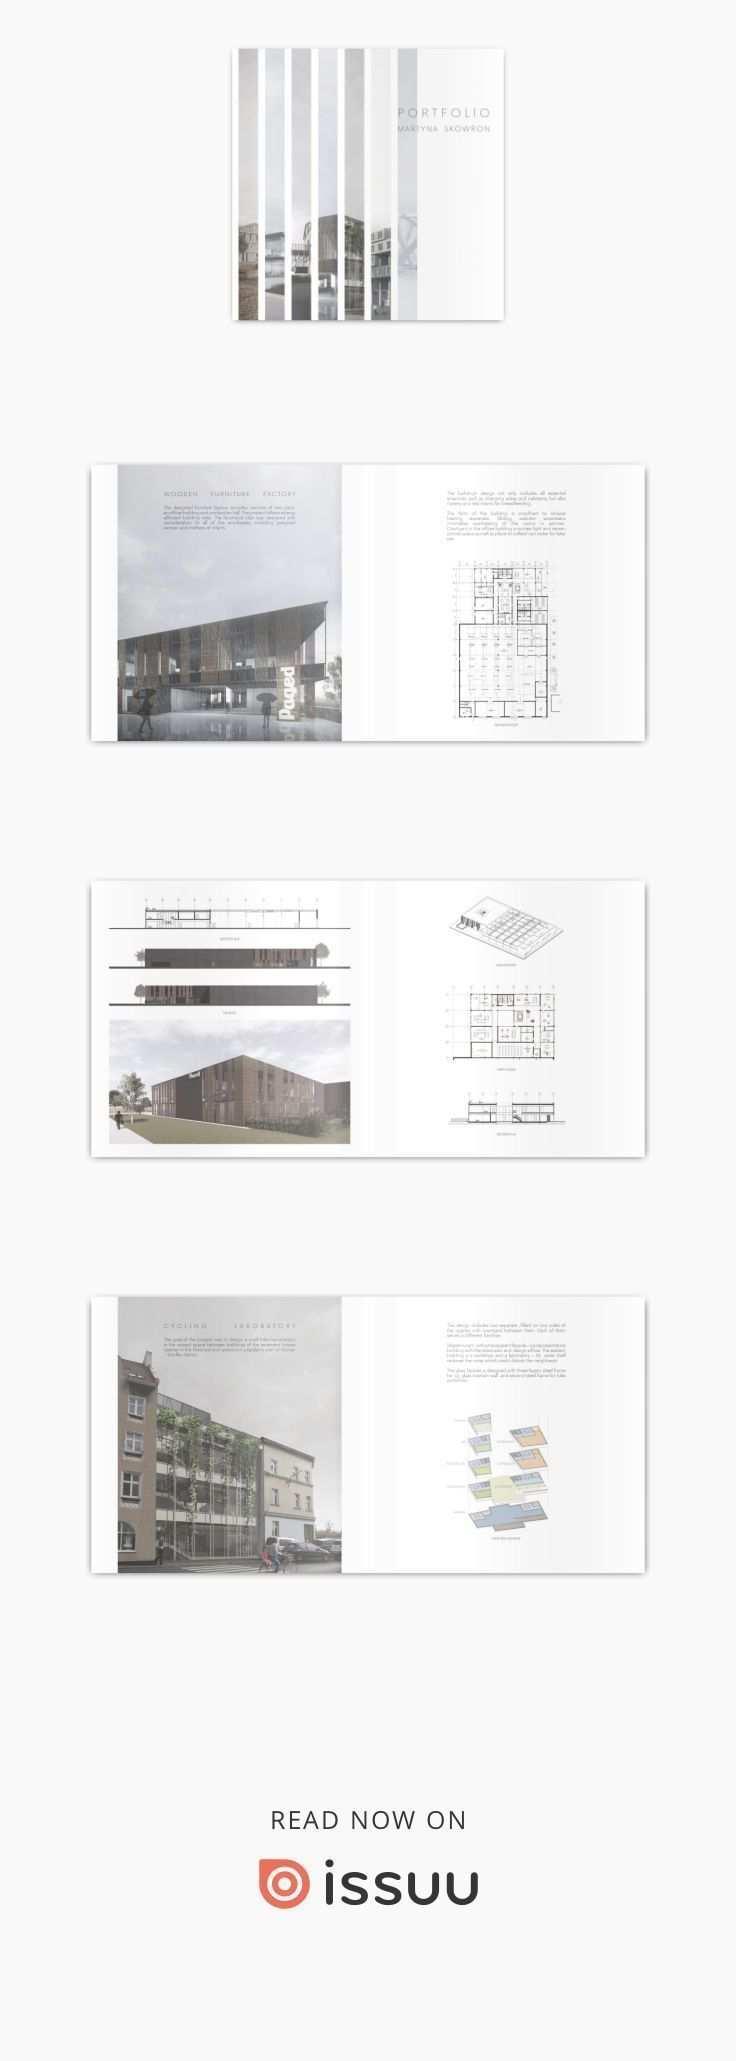 11 Architektur Lebenslauf Beispiel Portfolio Design Layouts Layout Architecture Architektur Portfolio Layout